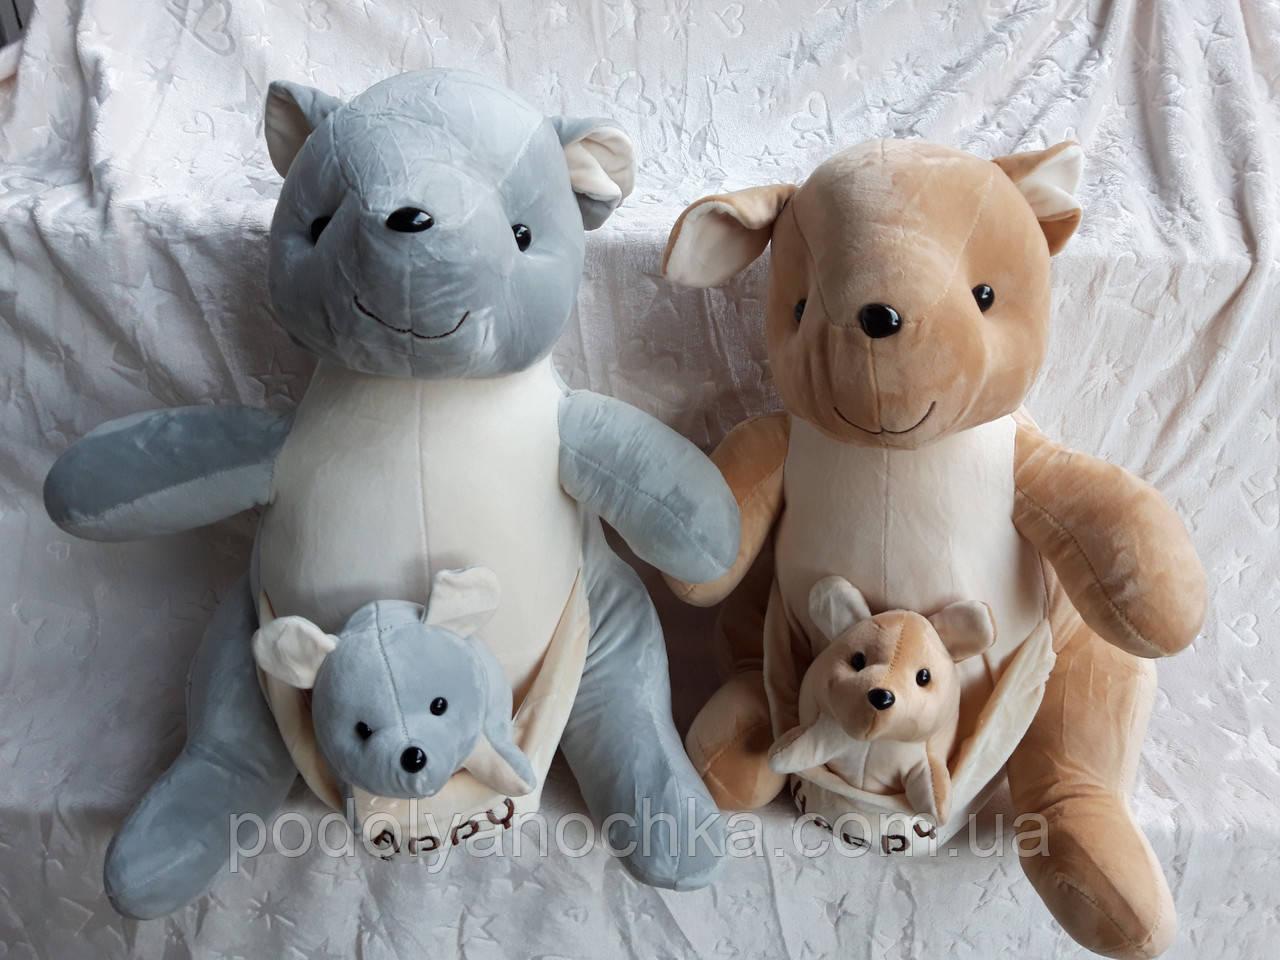 Іграшка-плед-подушка Кекгуруш. НОВИНКА!!! розмір іграшки 70х50